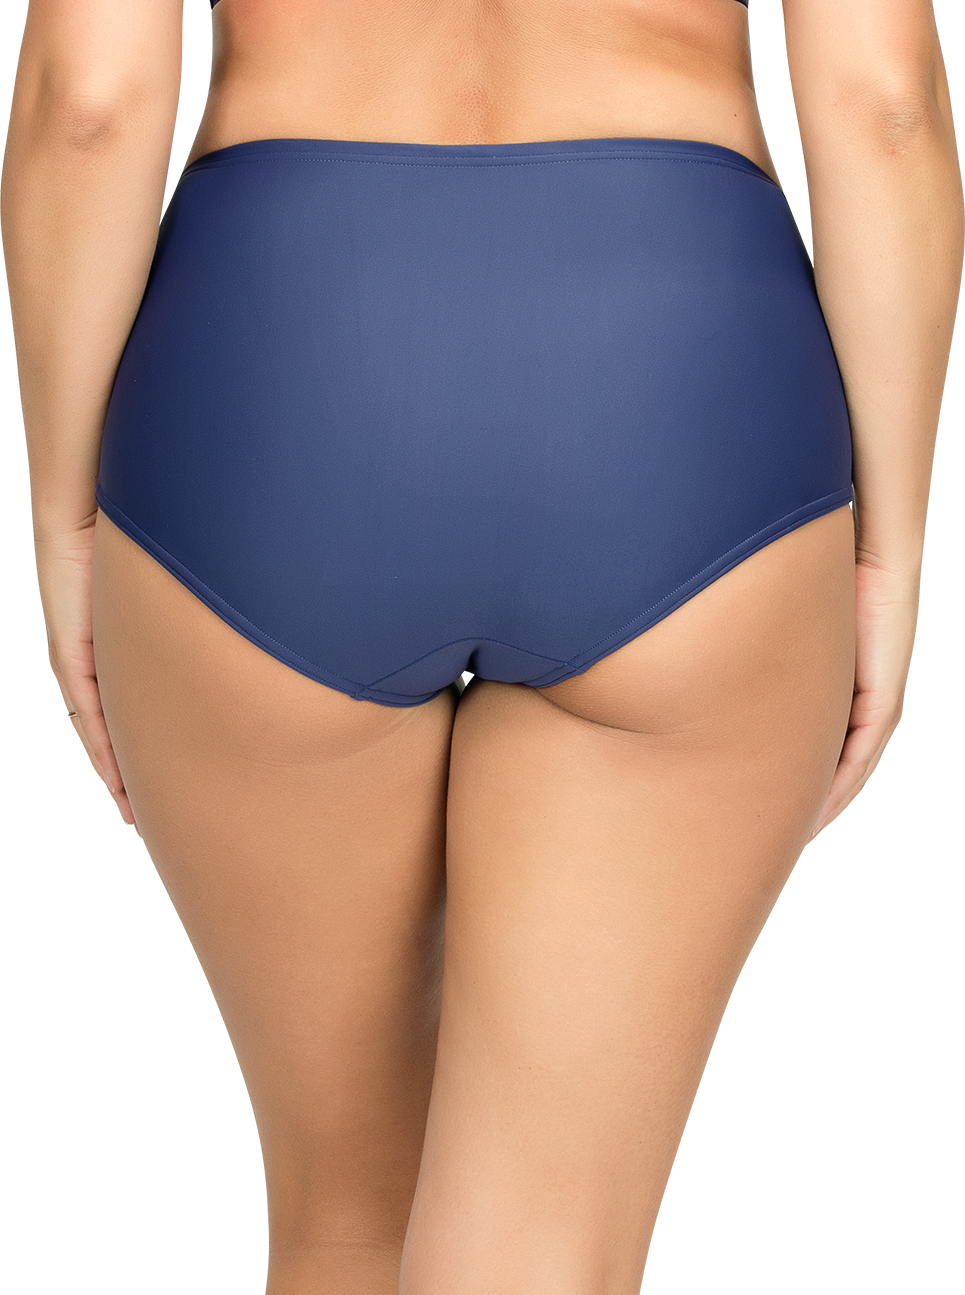 PARFAIT Keira HighWaistBikiniBottomS8075 Twilight Back - Keira High-Waist Bikini Bottom Twilight S8075